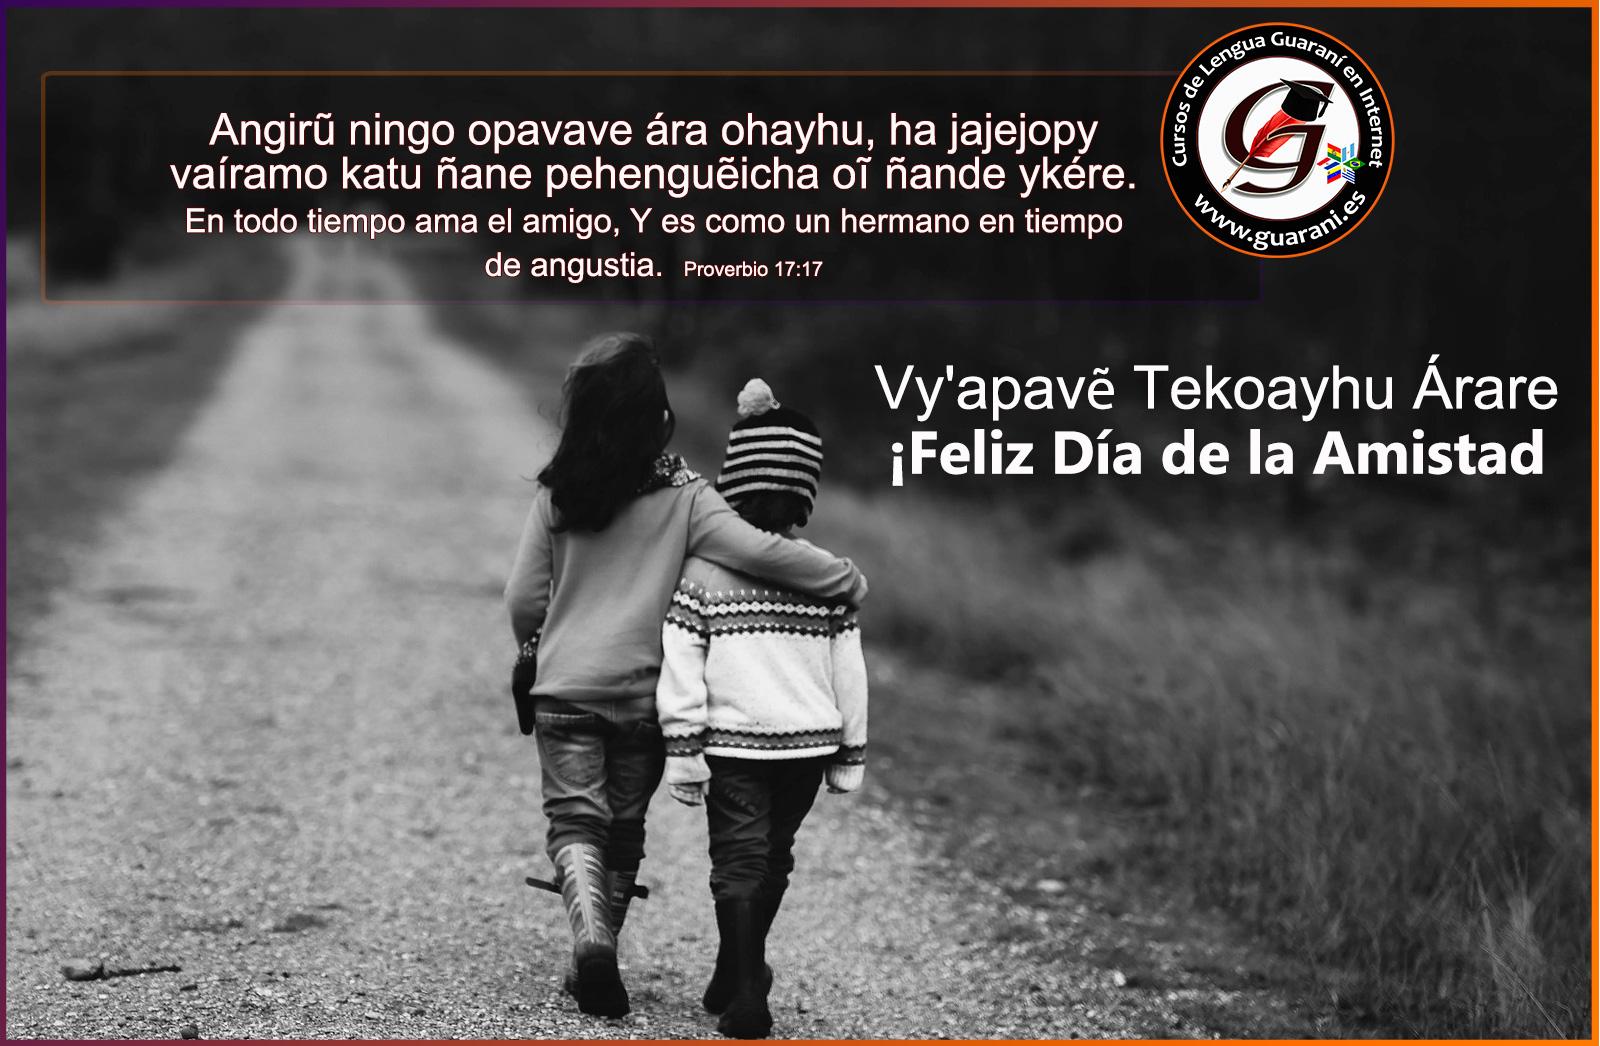 Postales Para Felicitar En Guarani A Tus Amigos Plataforma